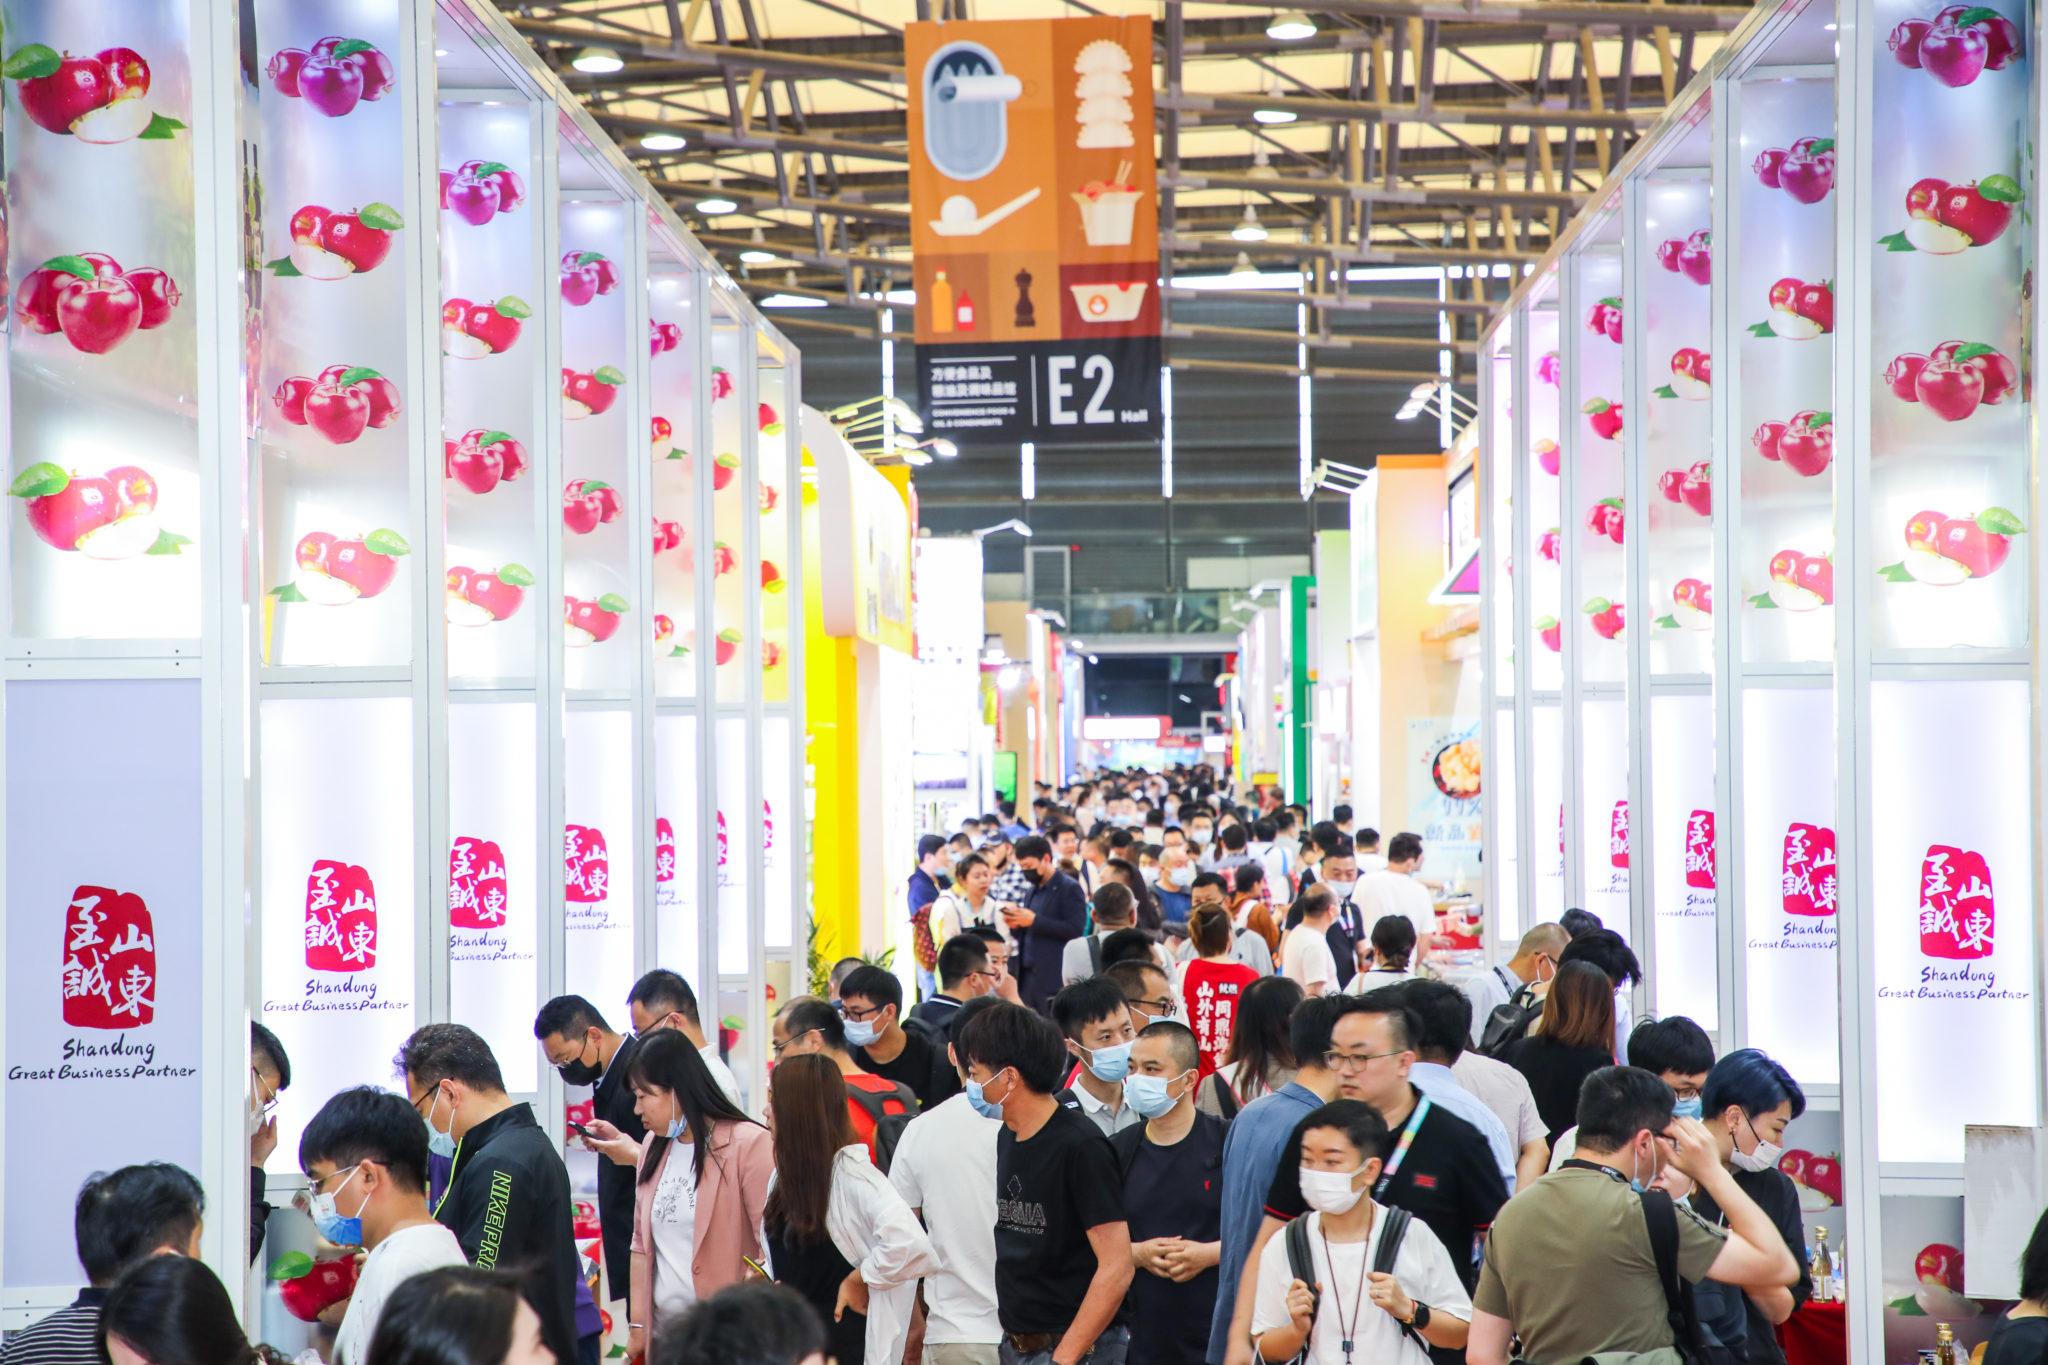 sial-china-2021-sacheve-sur-un-succes-retentissant-a-shanghai-battant-de-plus-de-25-son-record-de-frequentation